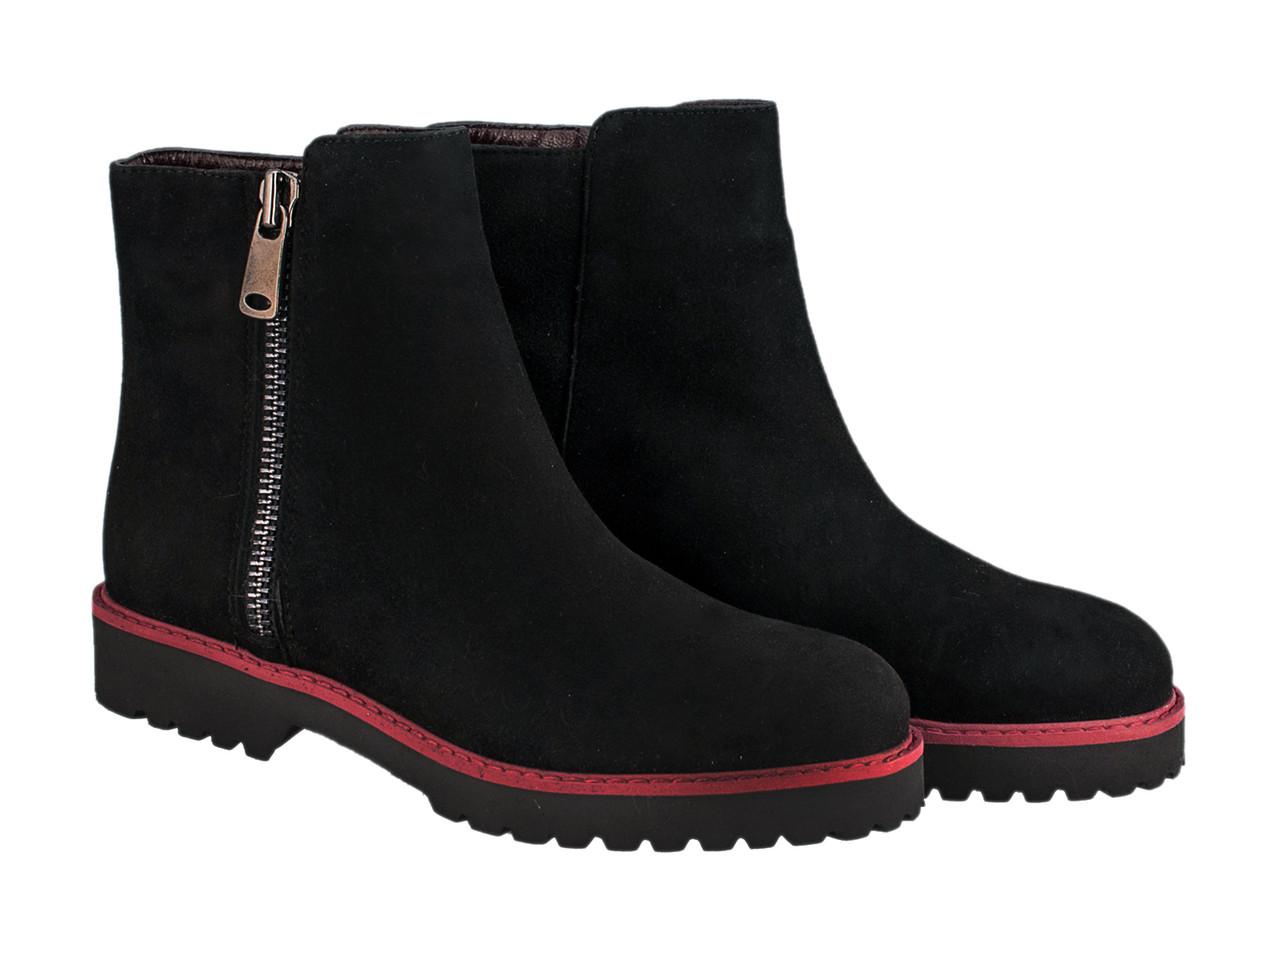 Ботинки Etor 5626-08421 черные